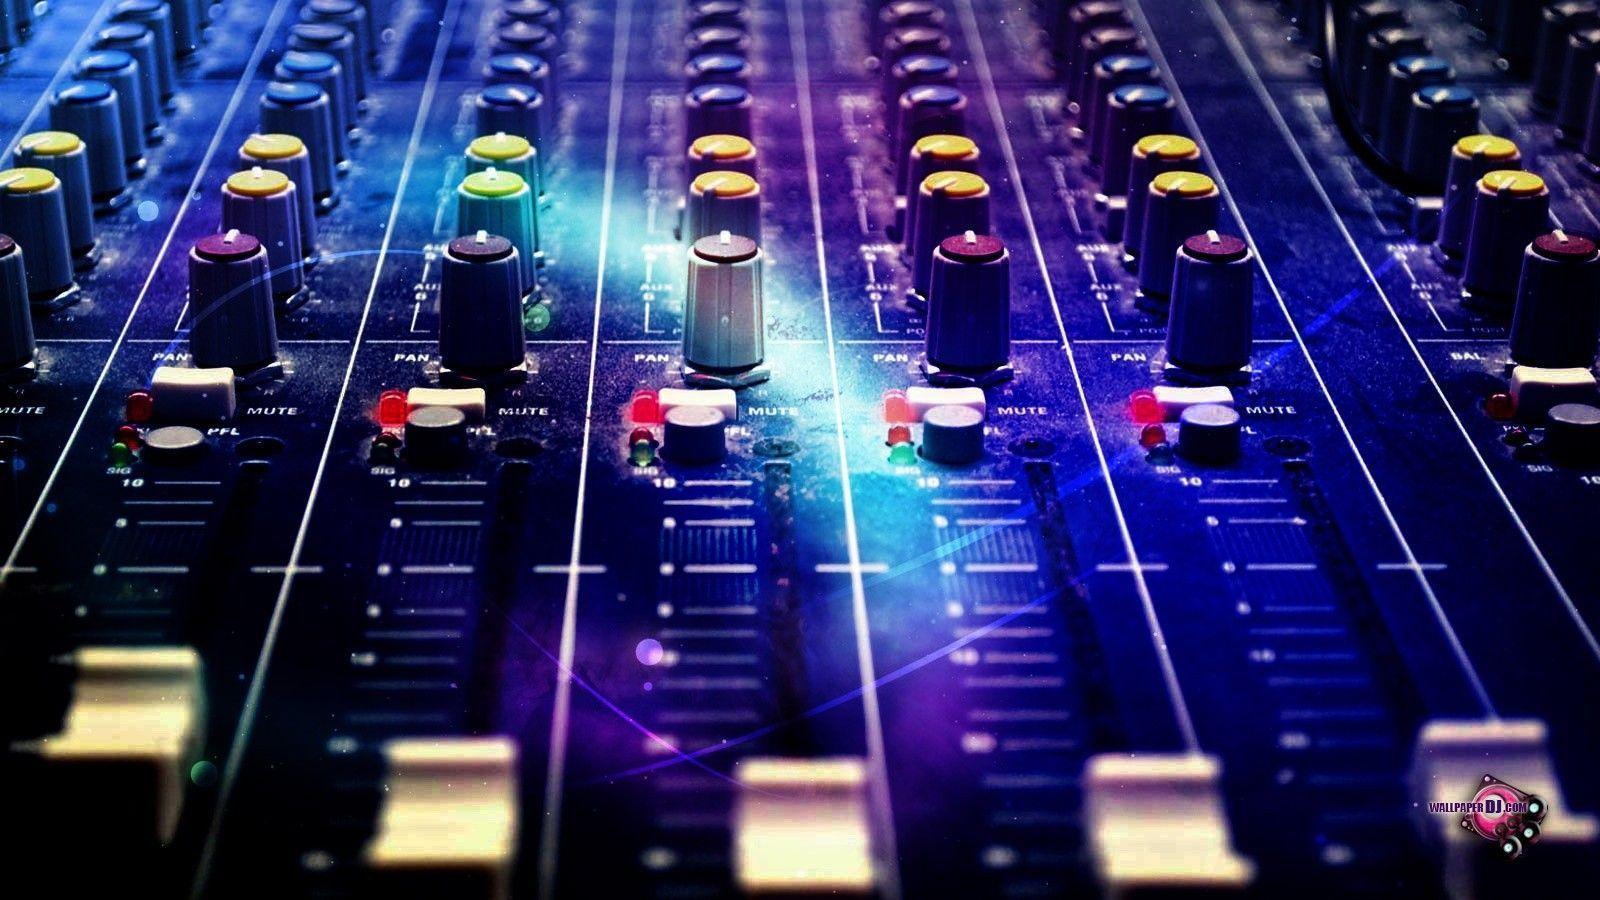 DJ Mixer Wallpapers 1600x900